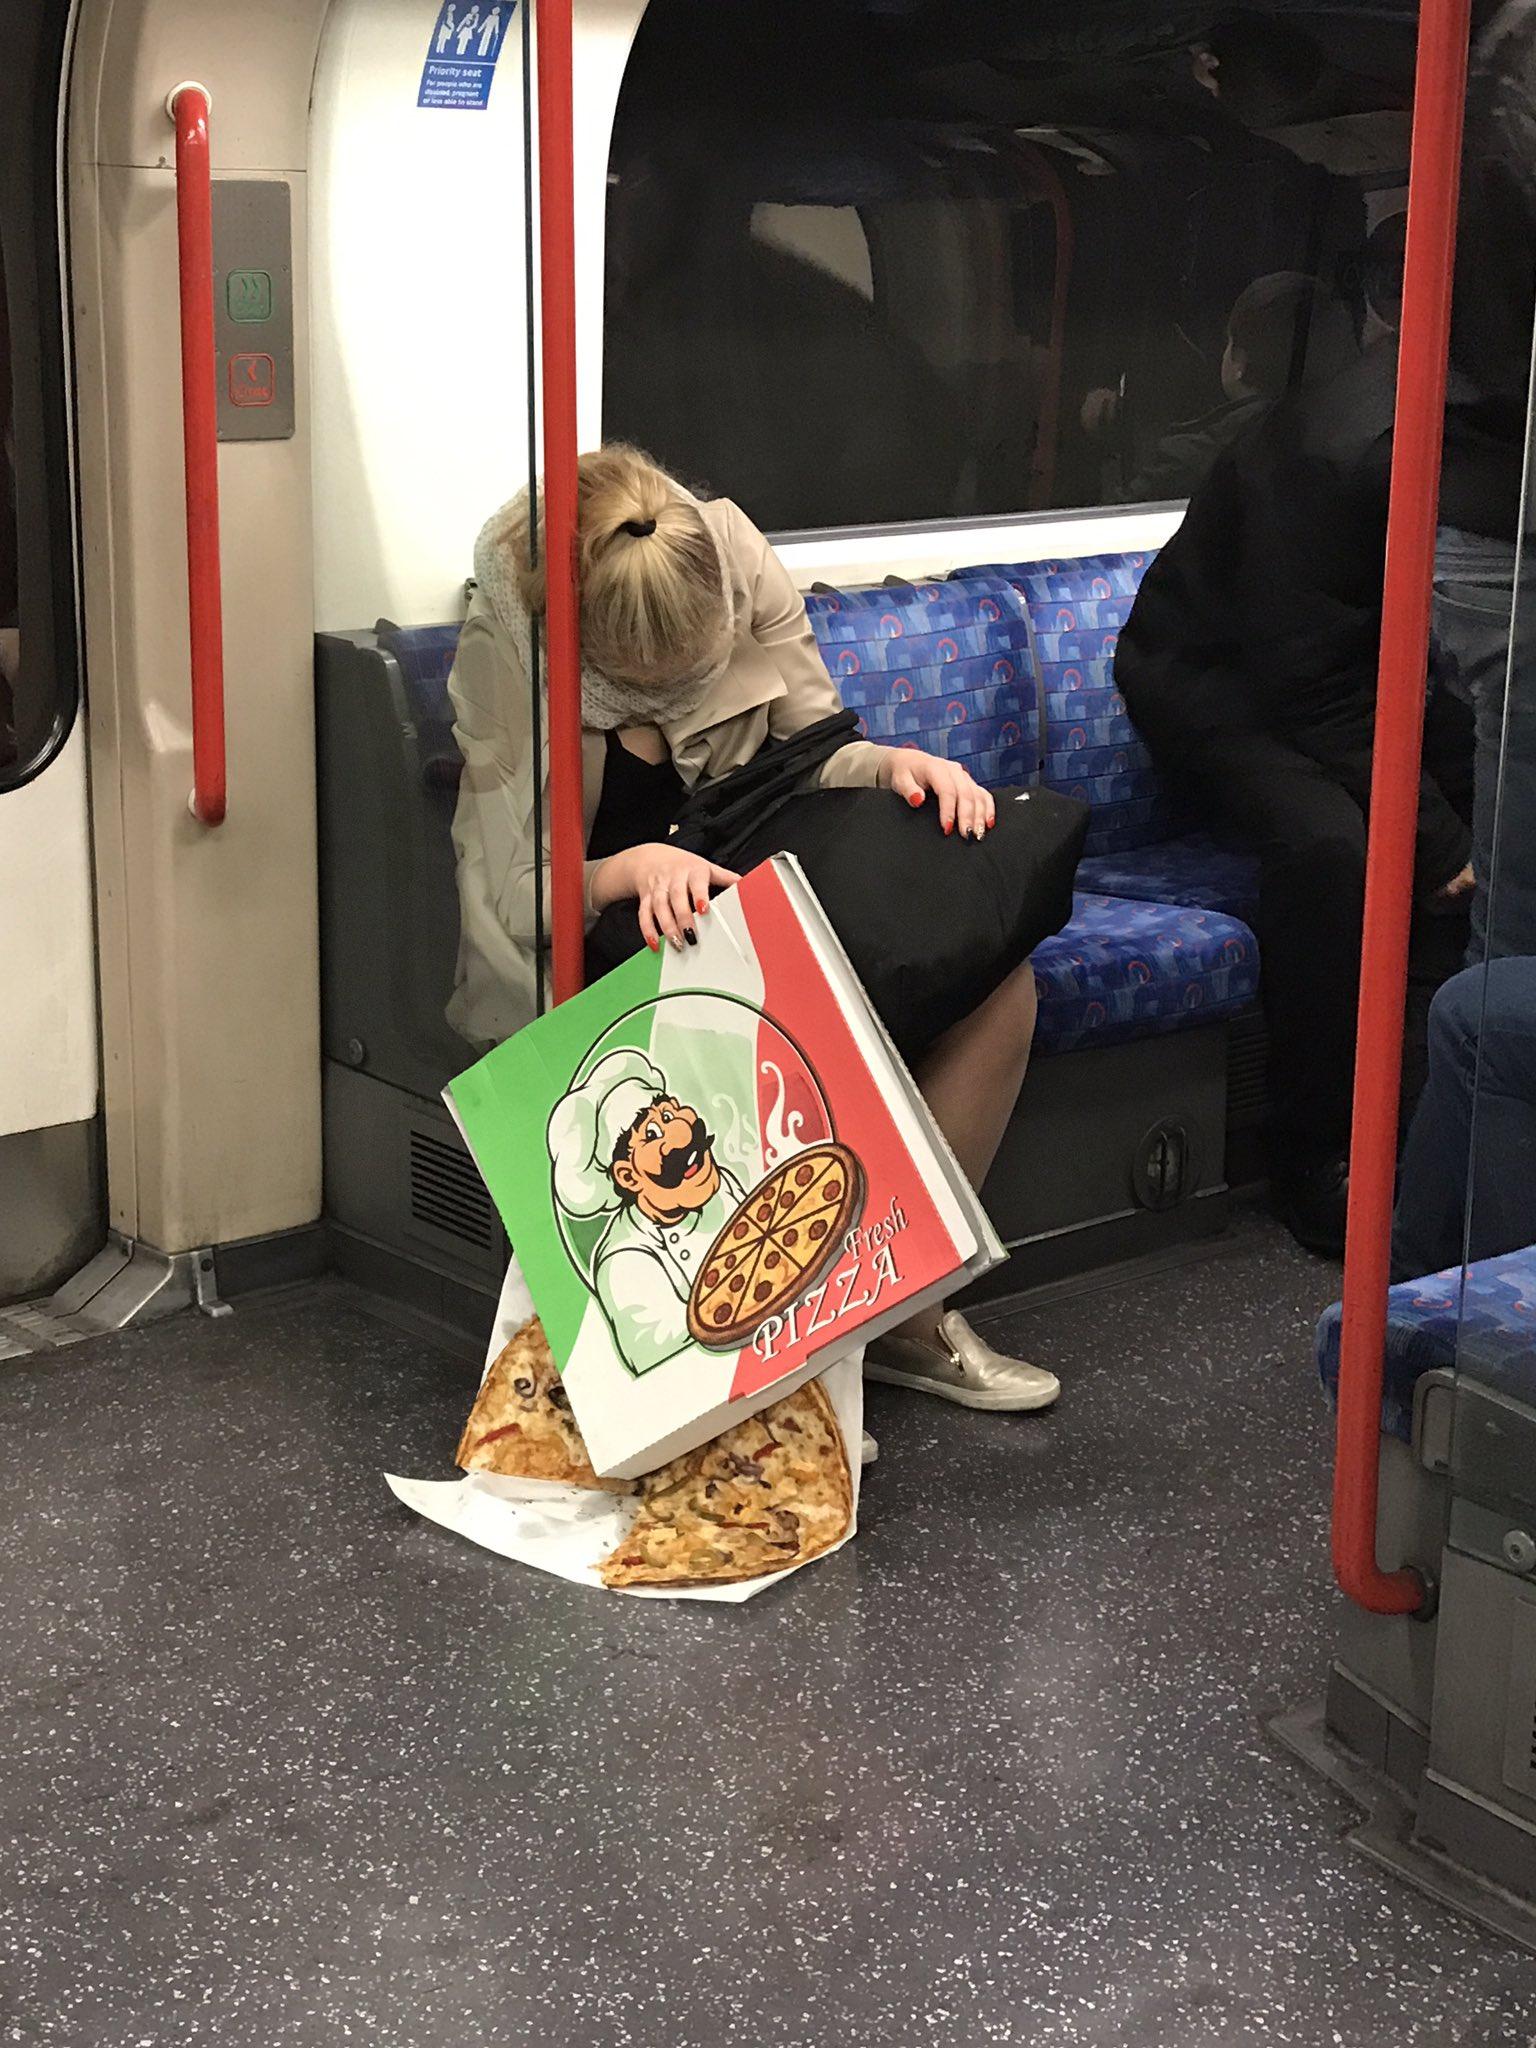 【画像】女子、電車内でピザをぶちまけてしまうw